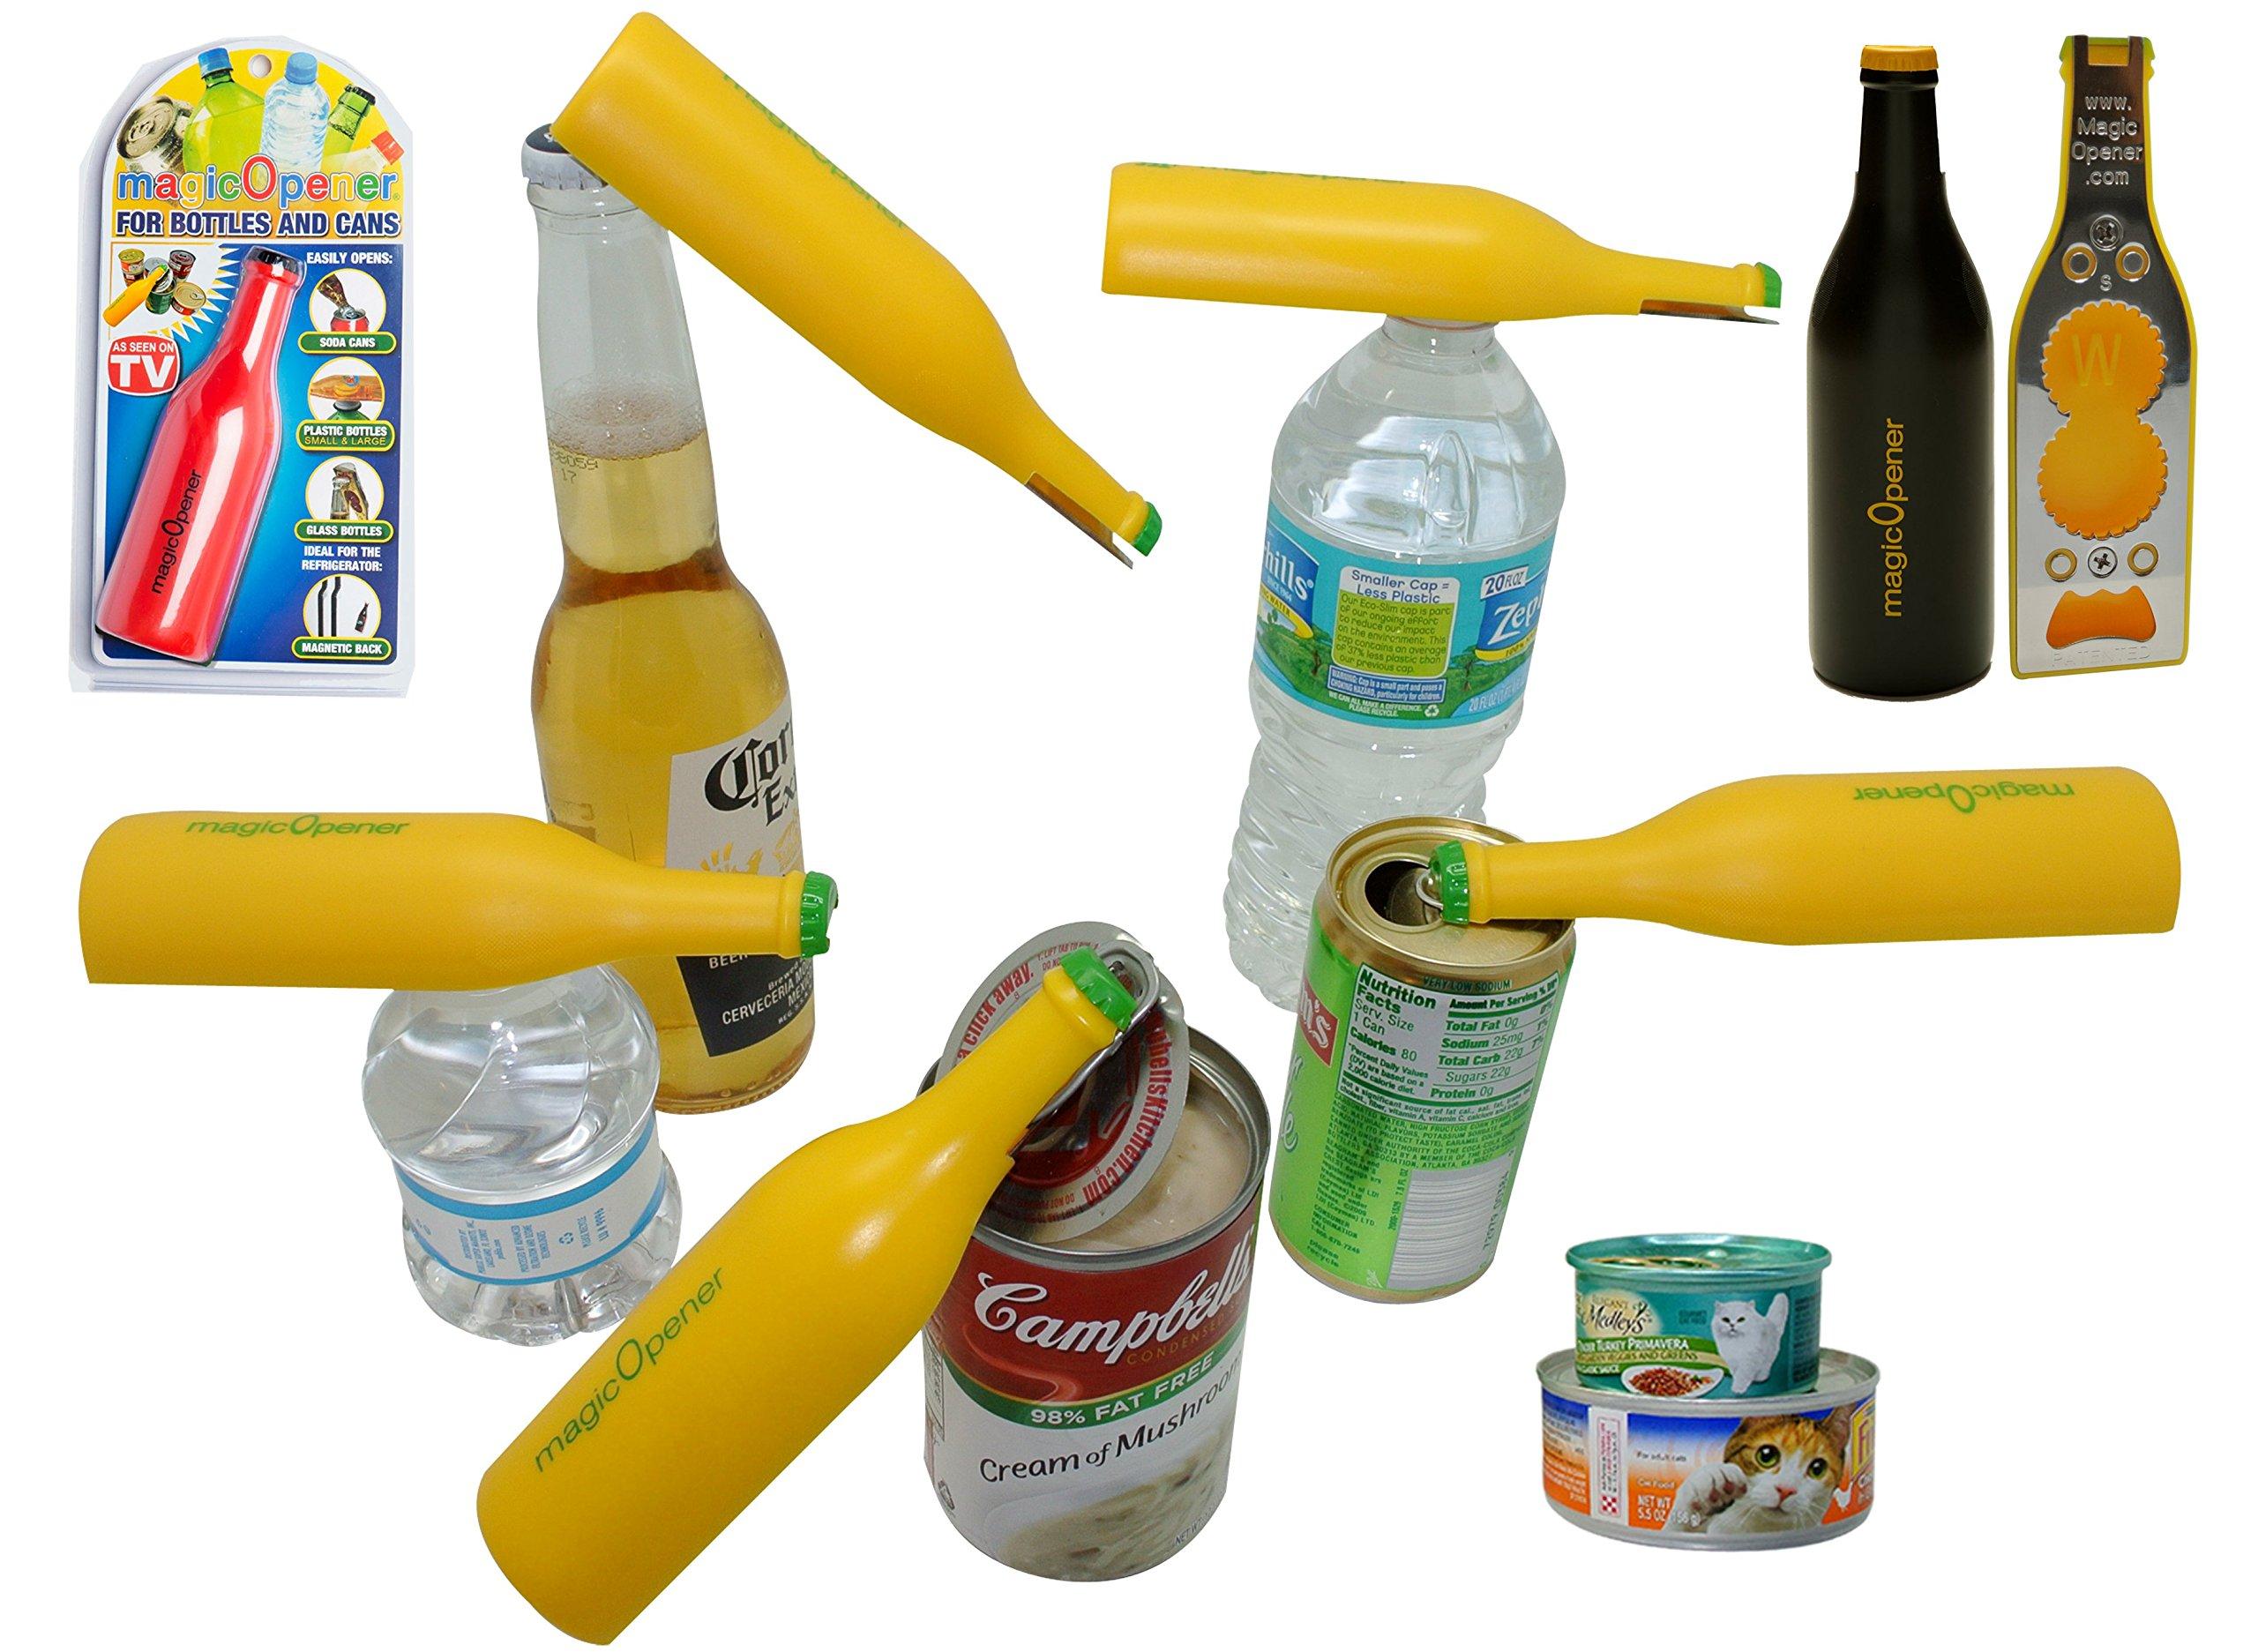 Water Bottle Opener | Arthritis Bottle Opener | mO EXTREME | Magnetic Bottle Opener for Fridge | Ergonomic Bottle Opener | Bottle OpenerGift | Magnet | Twist off Bottle Opener for Plastic Caps | Tin